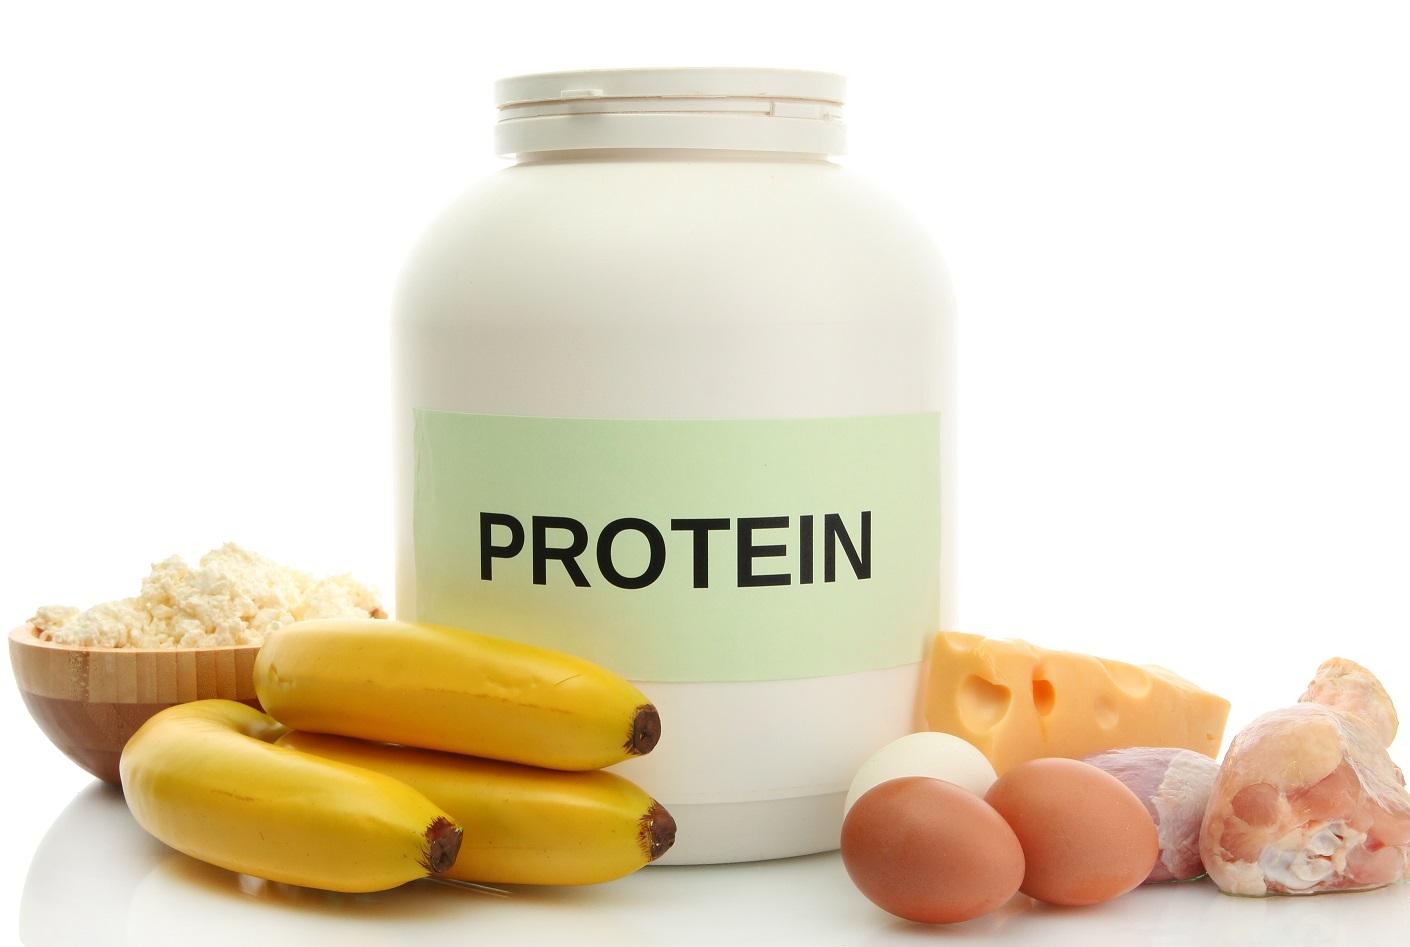 Вредна ли белковая диета для организма